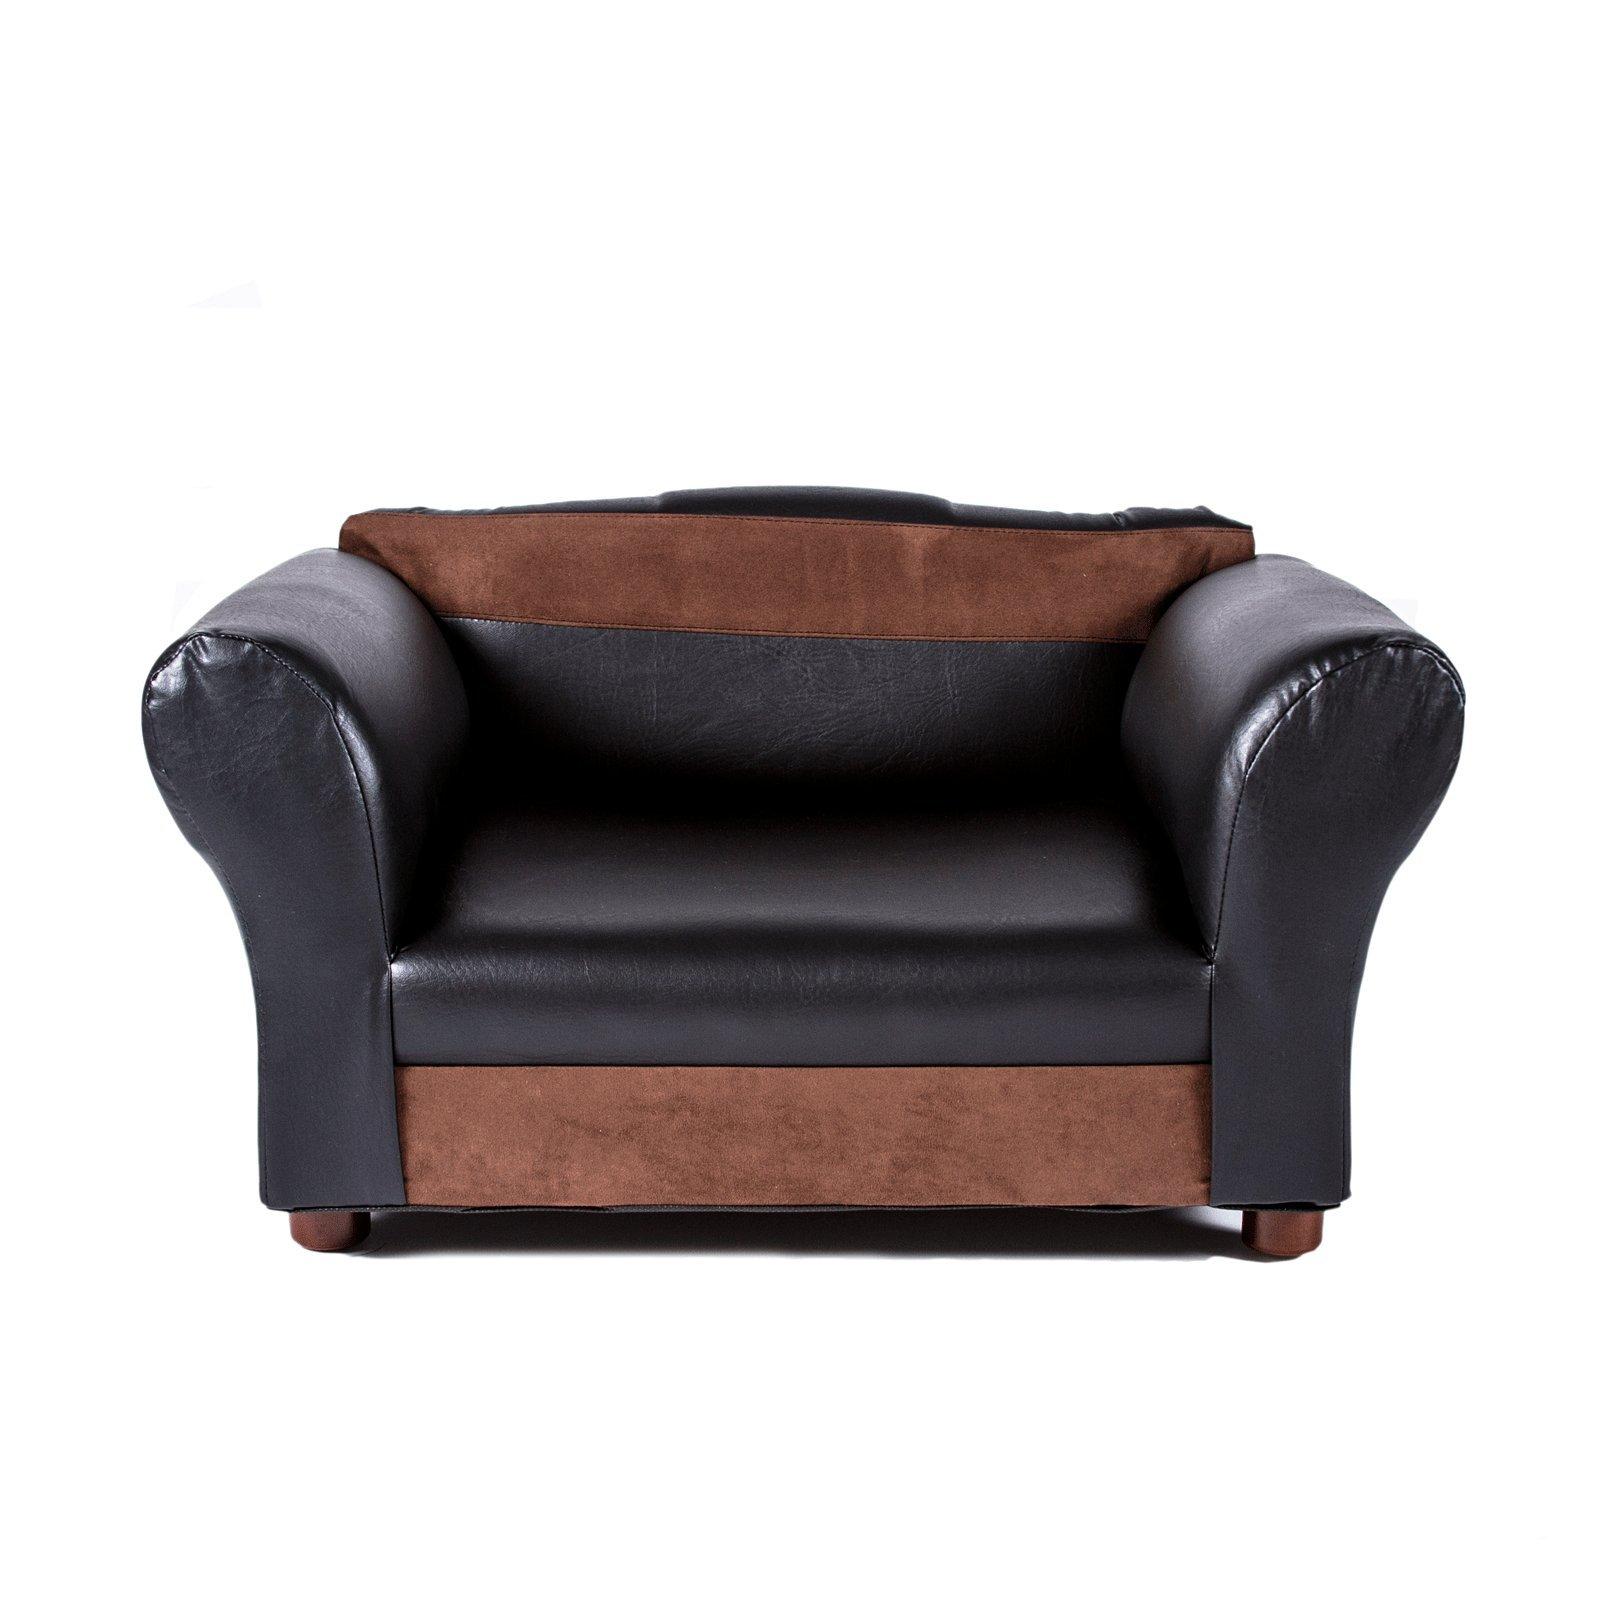 Keet Mini Sofa Black and Brown Pet Bed